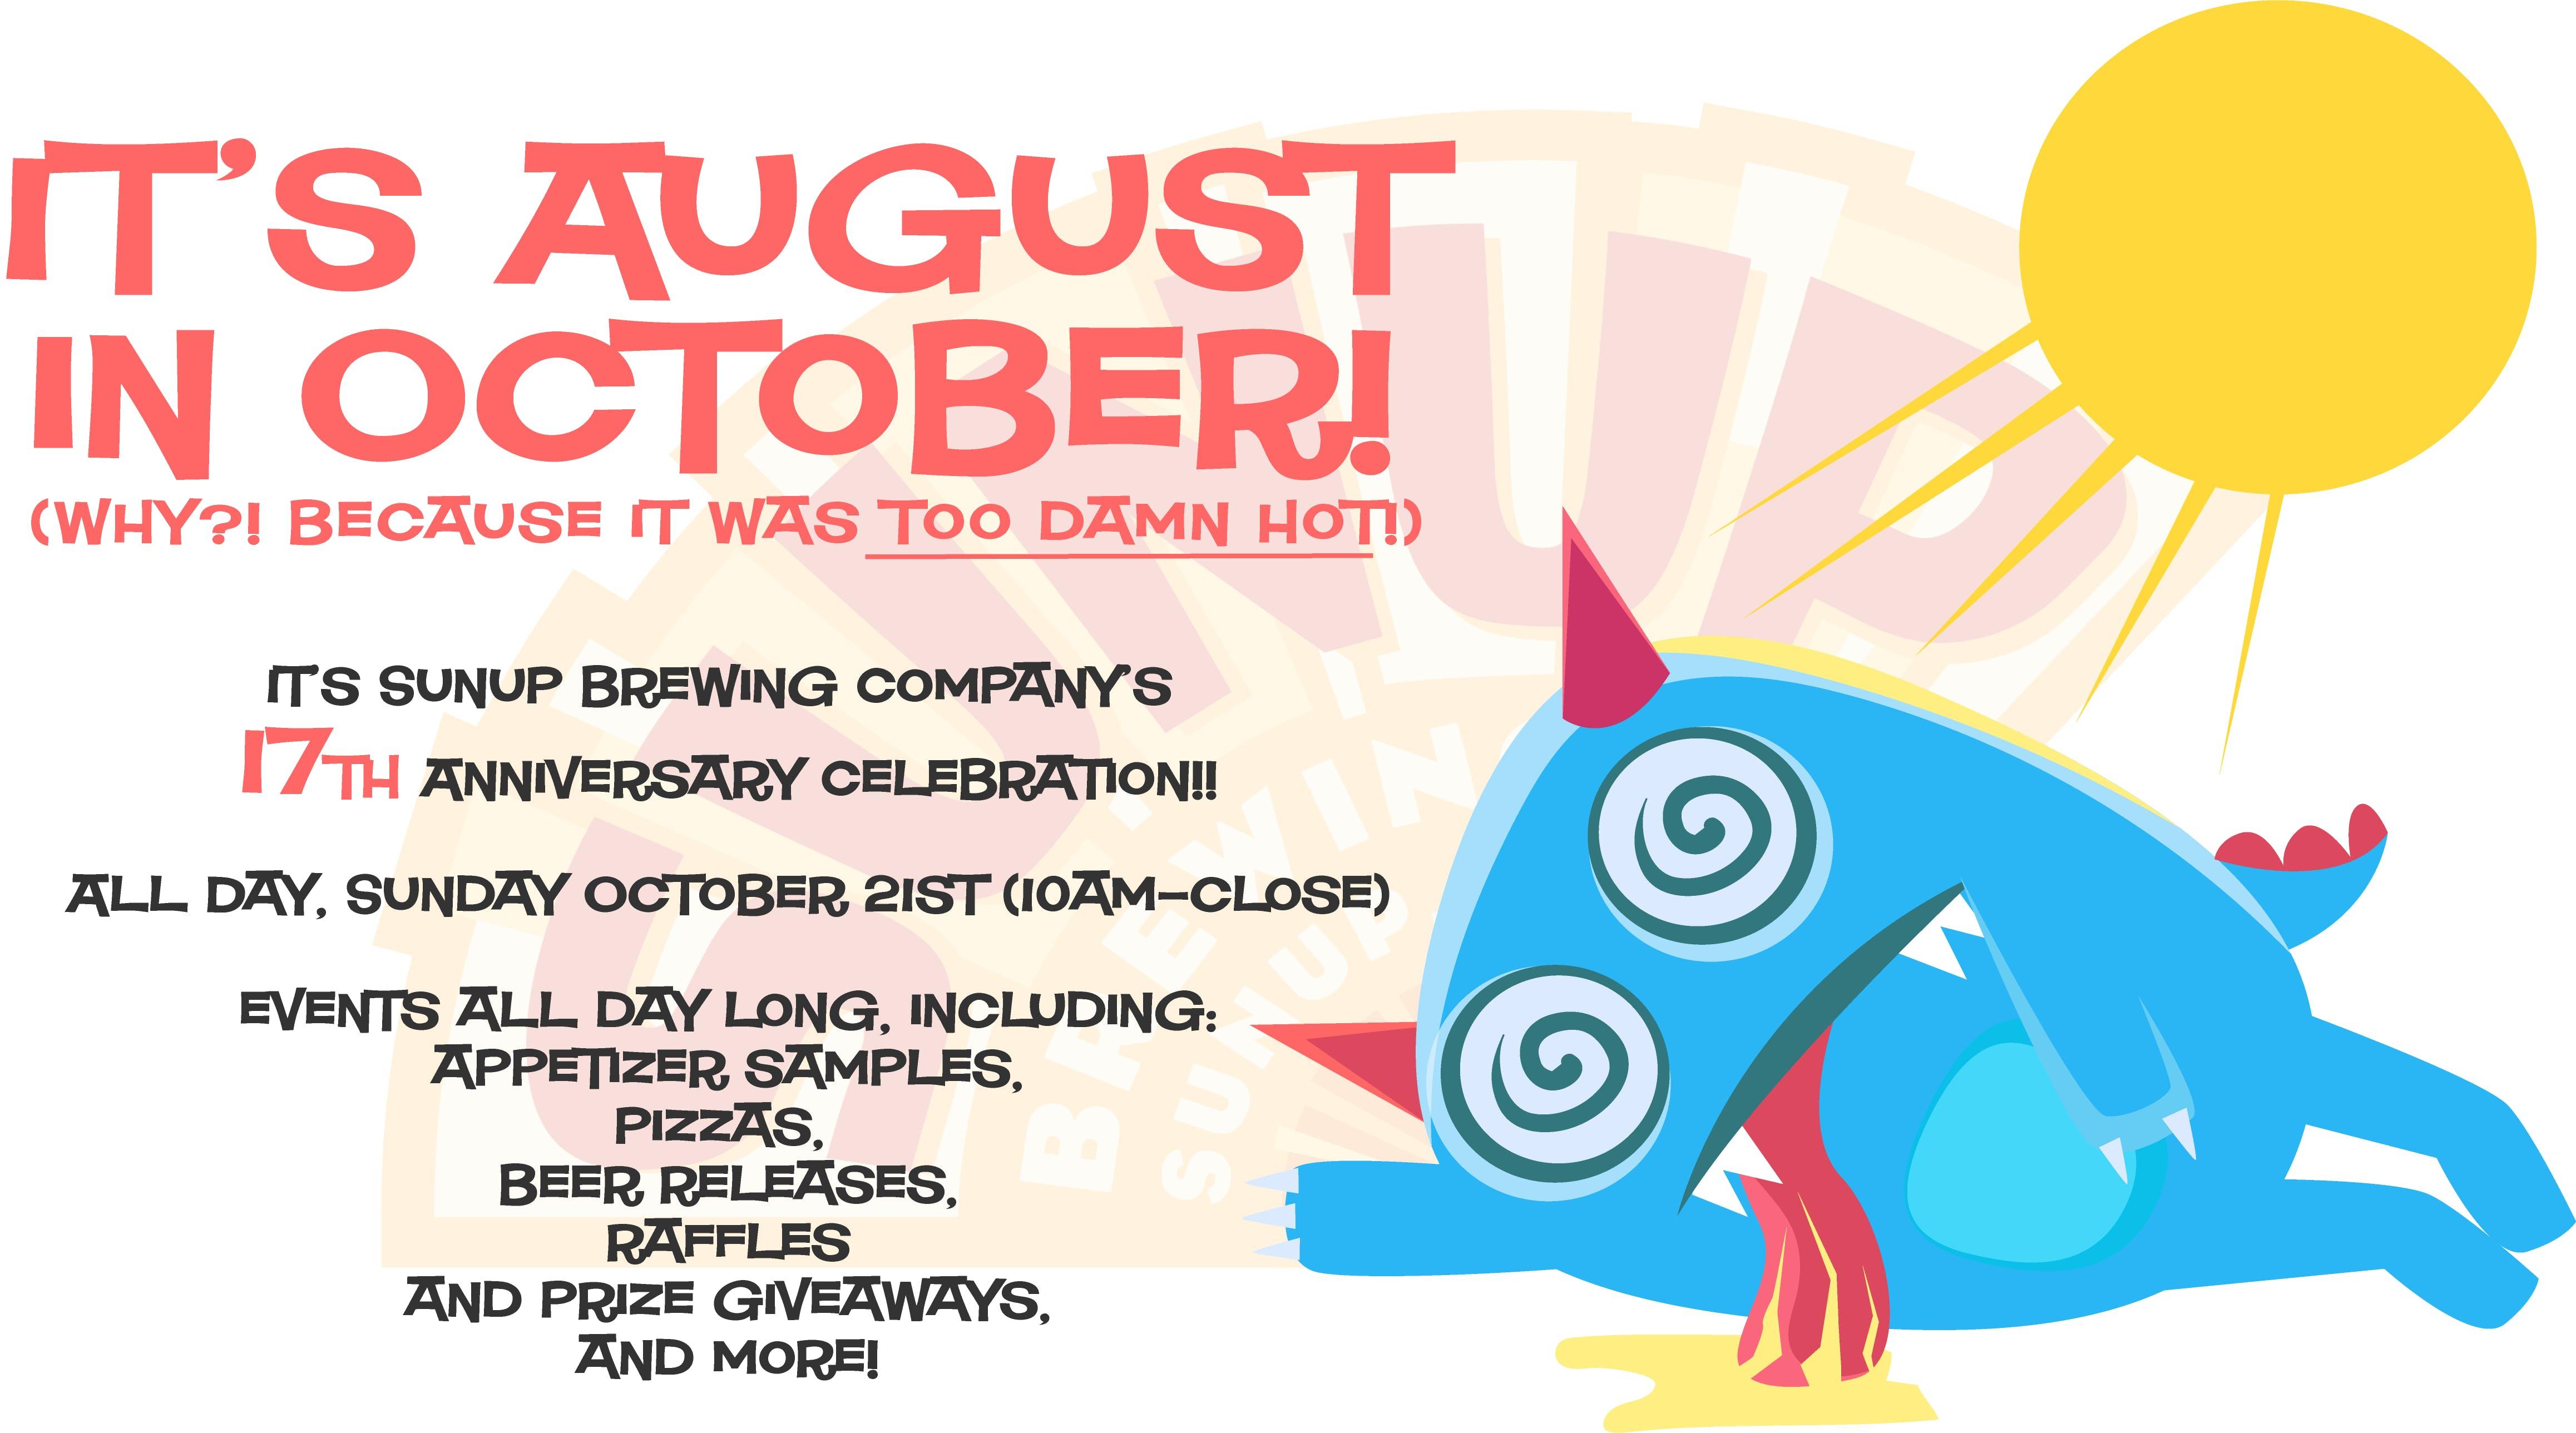 SunUp Brewing Company 17th Anniversary Celebration!